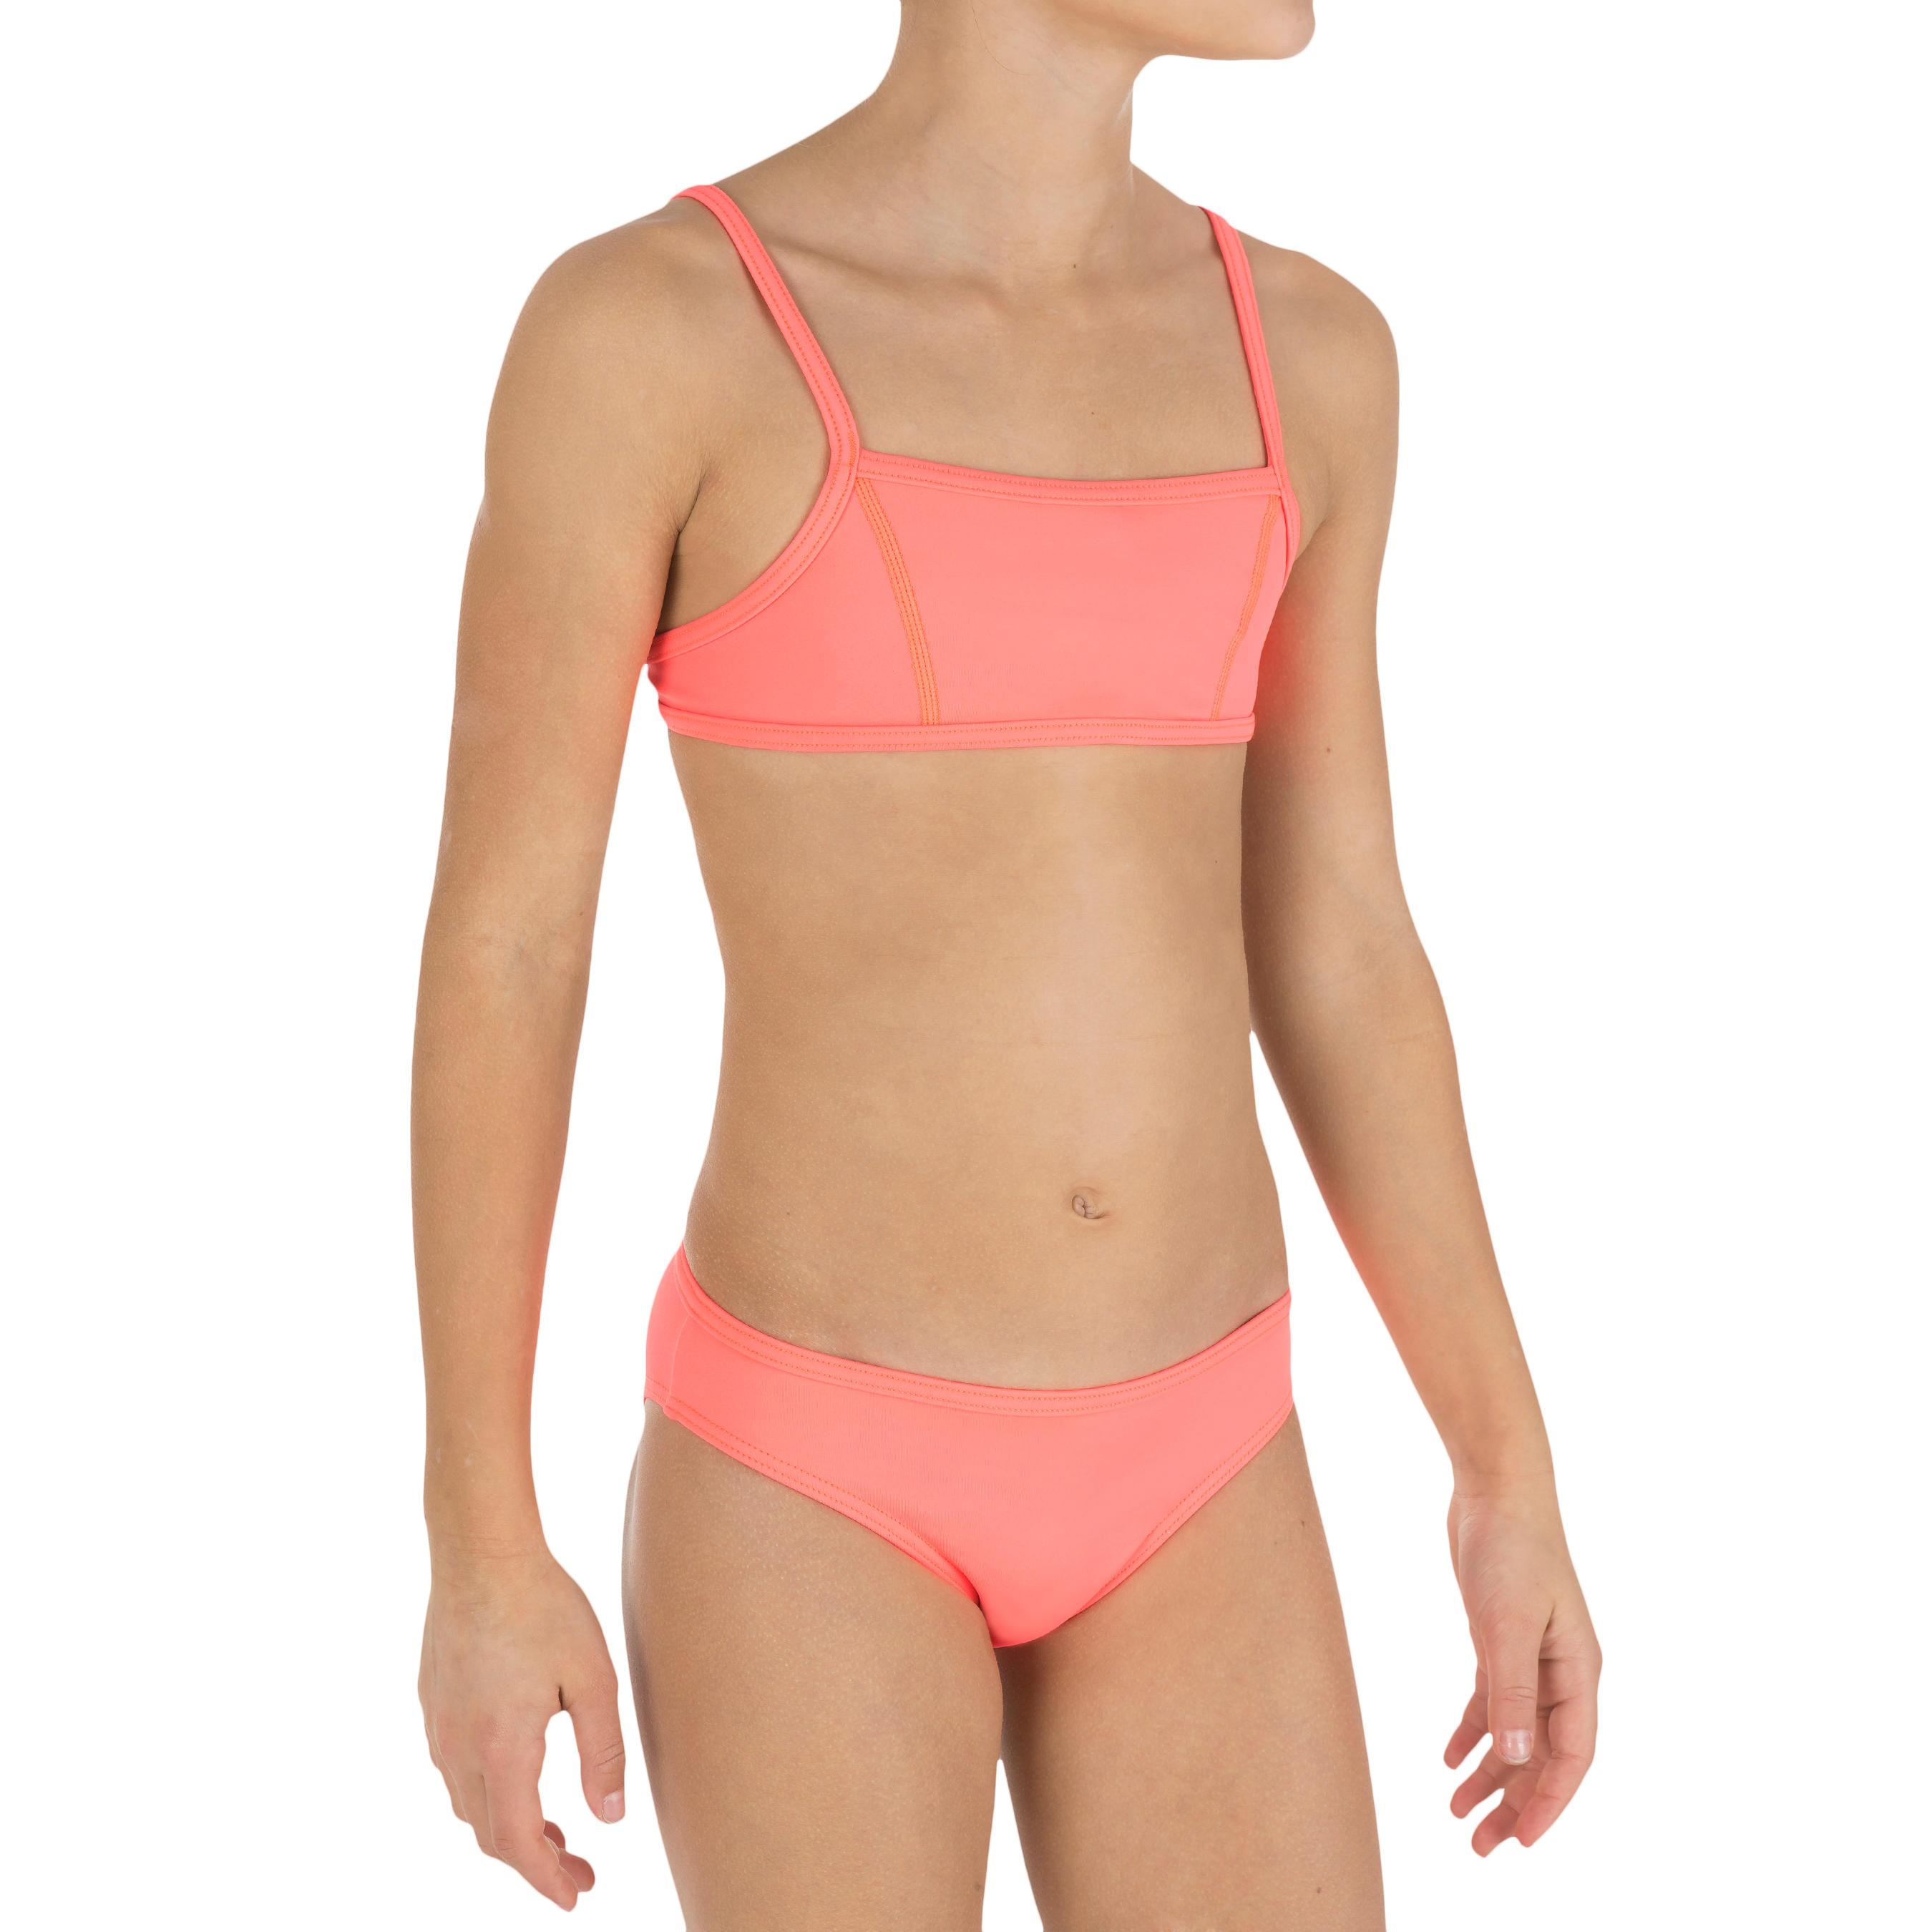 Bikini top-corpiño AG liso Granatina